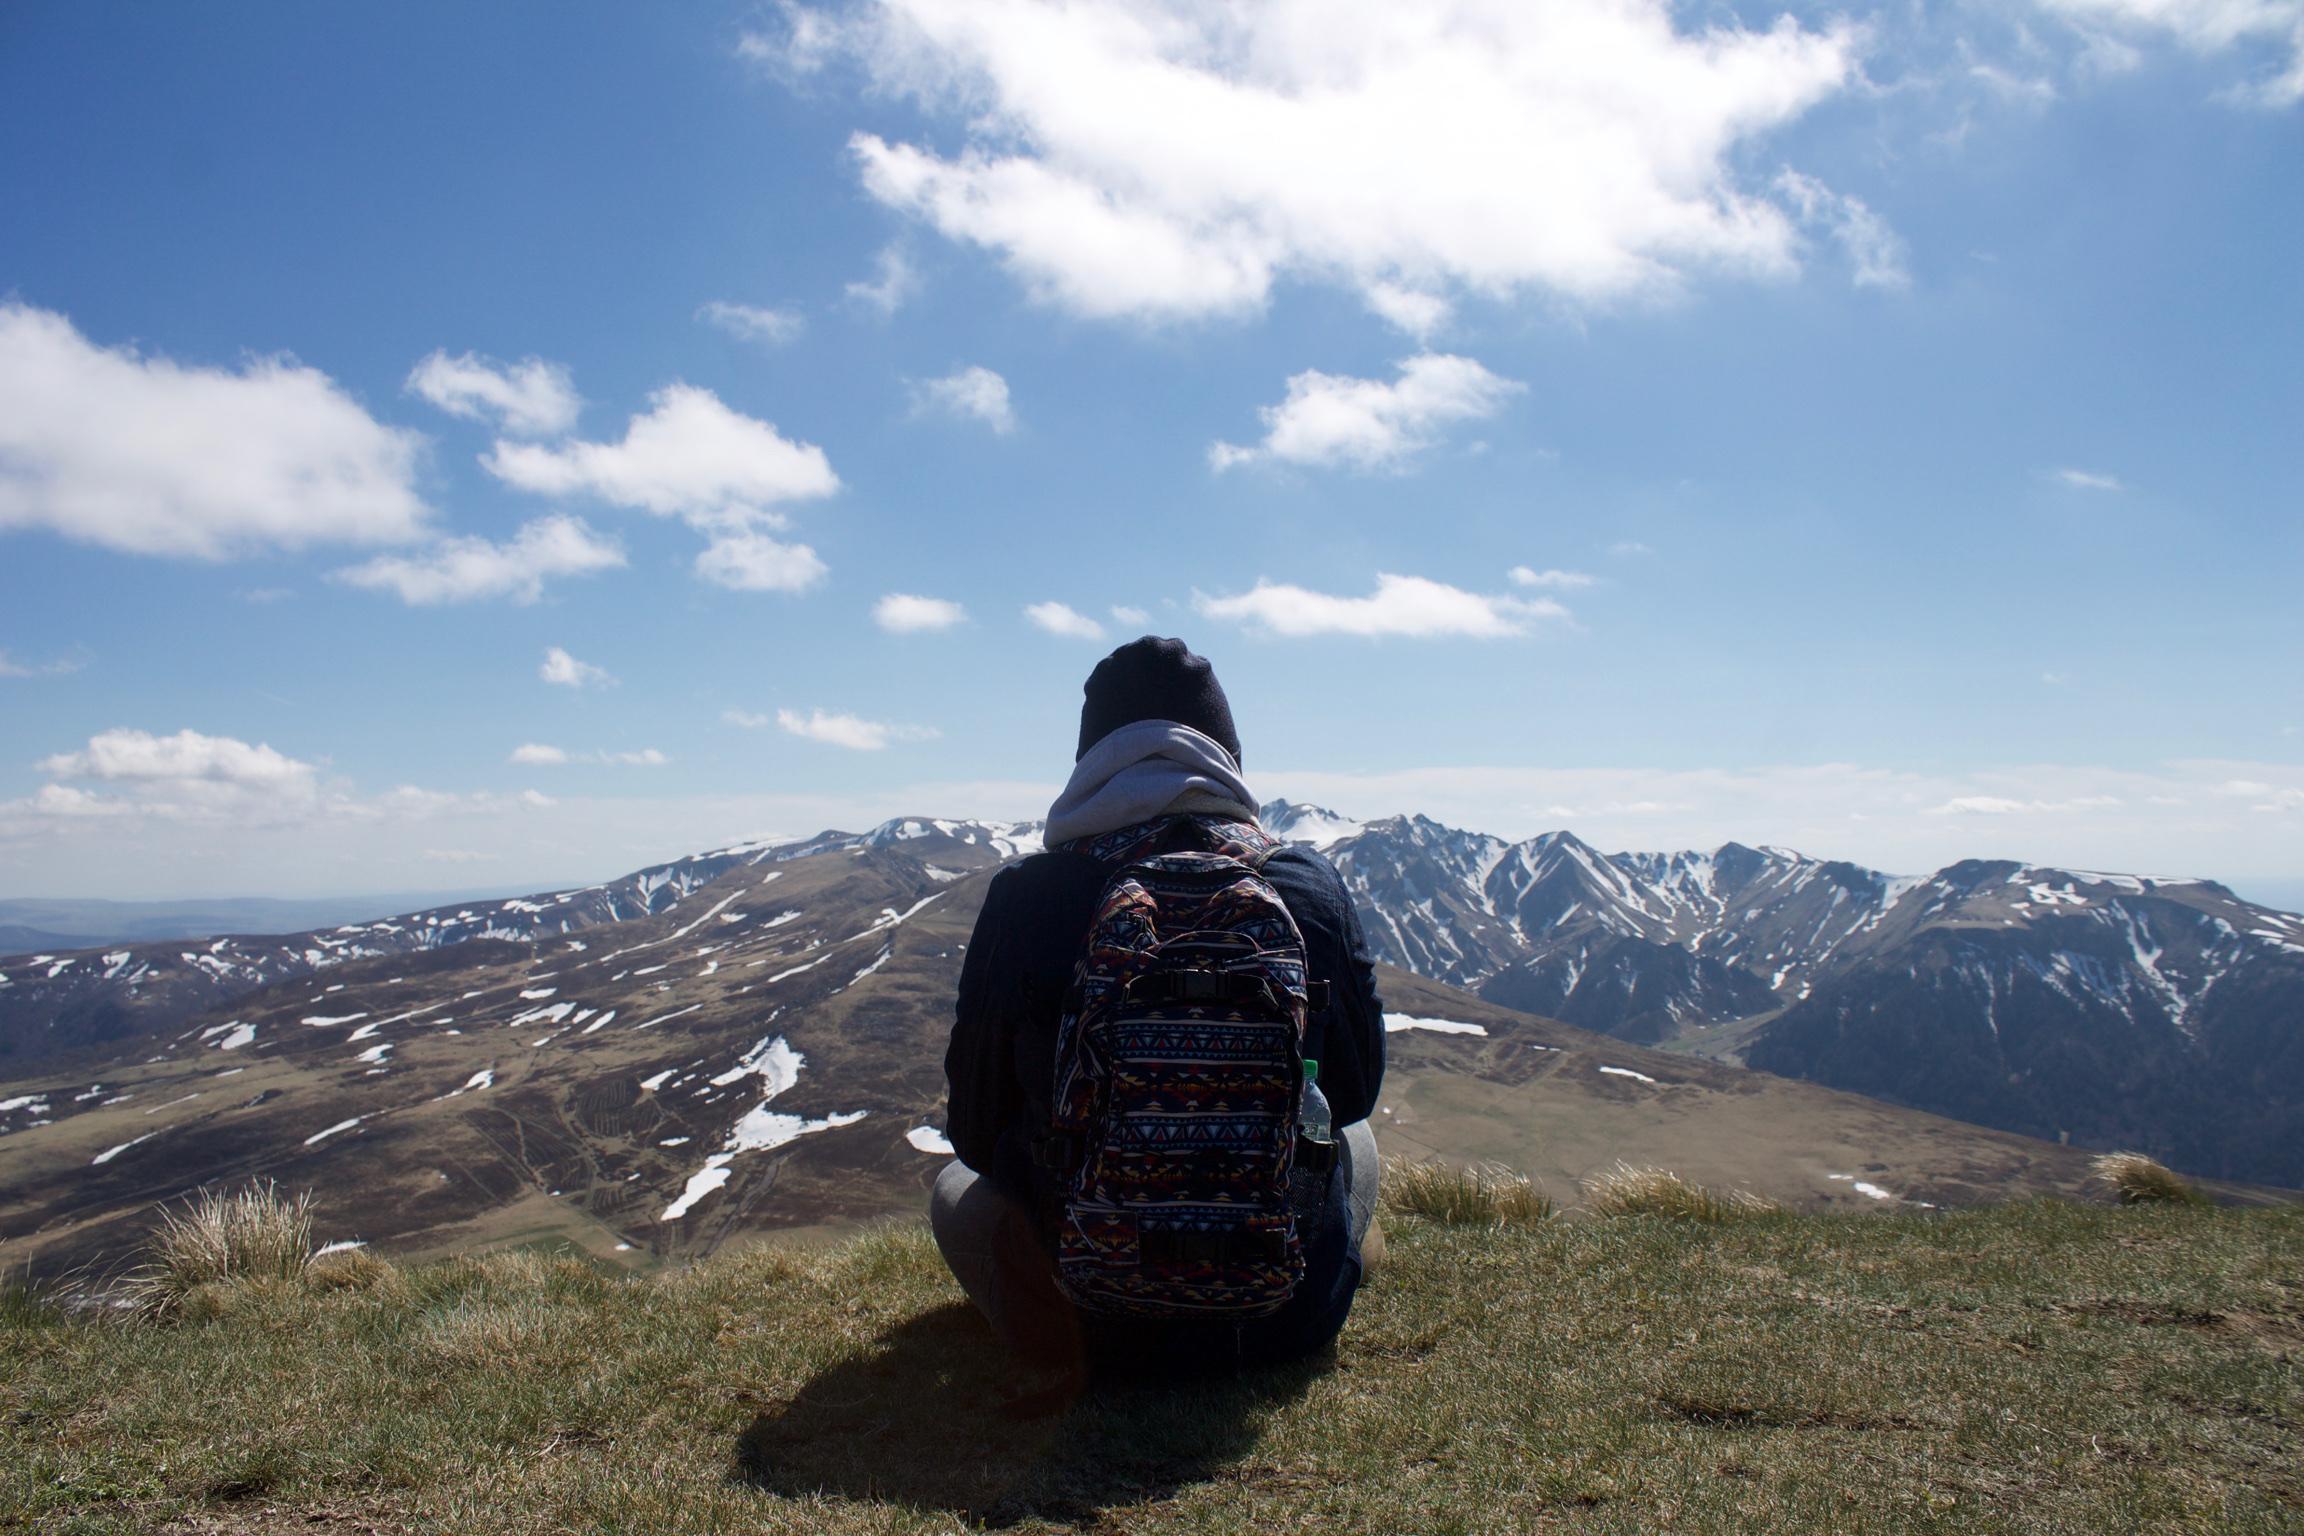 Un Homme chaudement vêtu assis au sommet du Col de la Croix Saint-Robert, faisant face aux monts Dores et au Puy de Sancy.